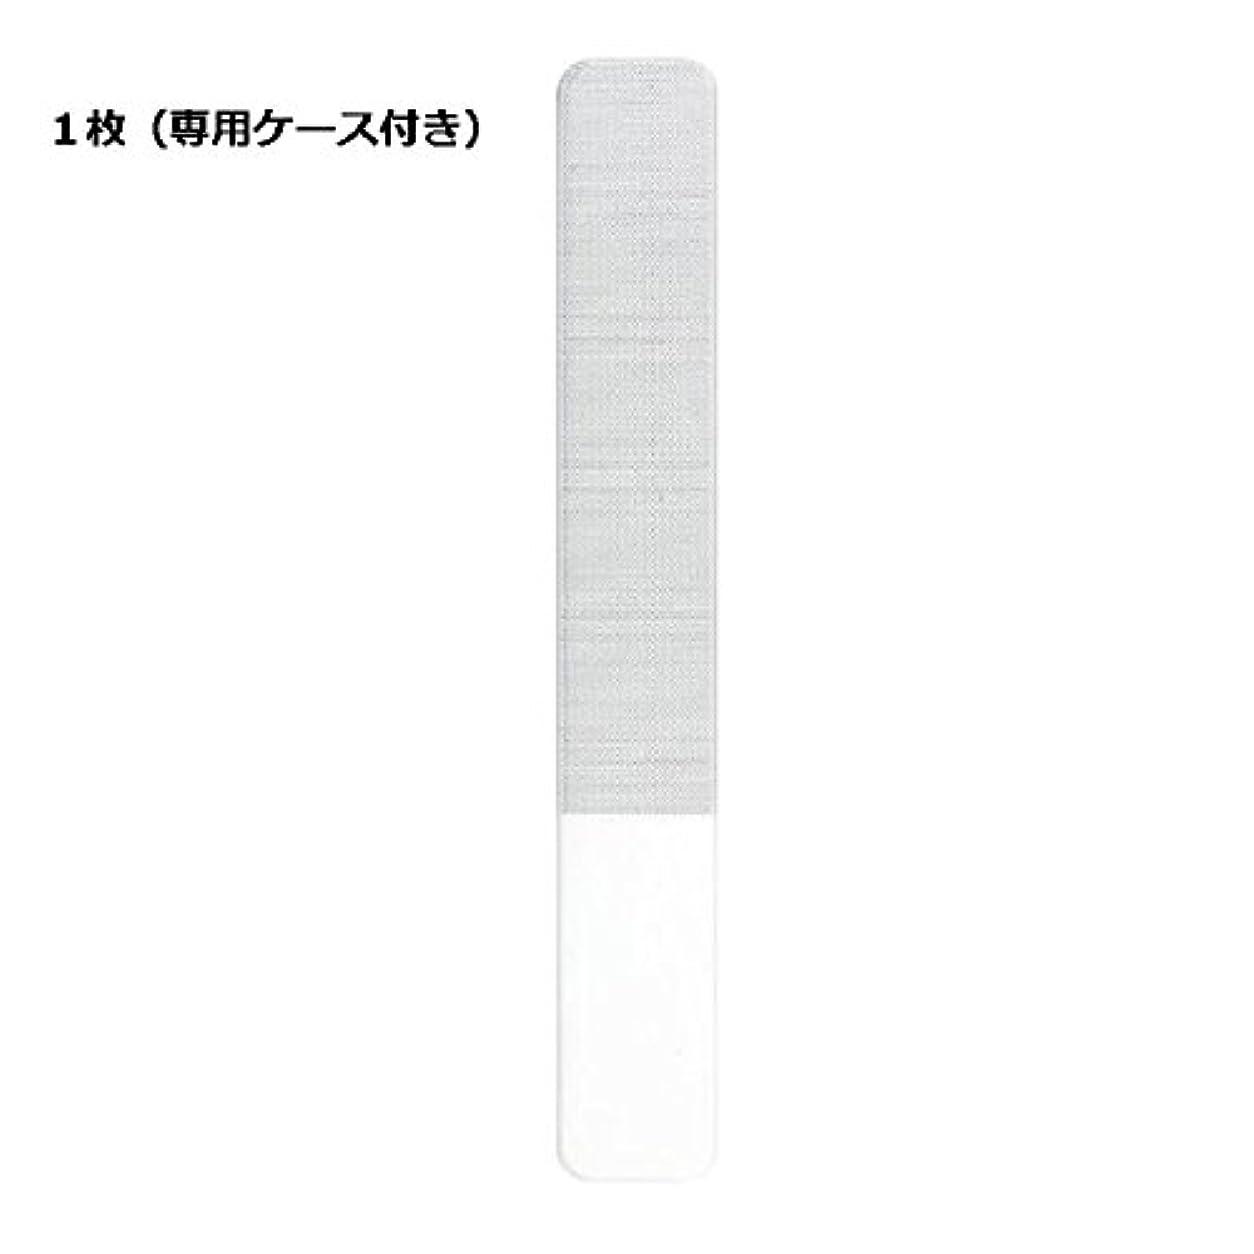 Irisomi 爪やすり 爪磨き ガラス爪ヤスリ ネイルファイル ネイルシャイナー つめケア ガラス製 ビューティー ネイルケア 甘皮処理 使いやすい (1個)